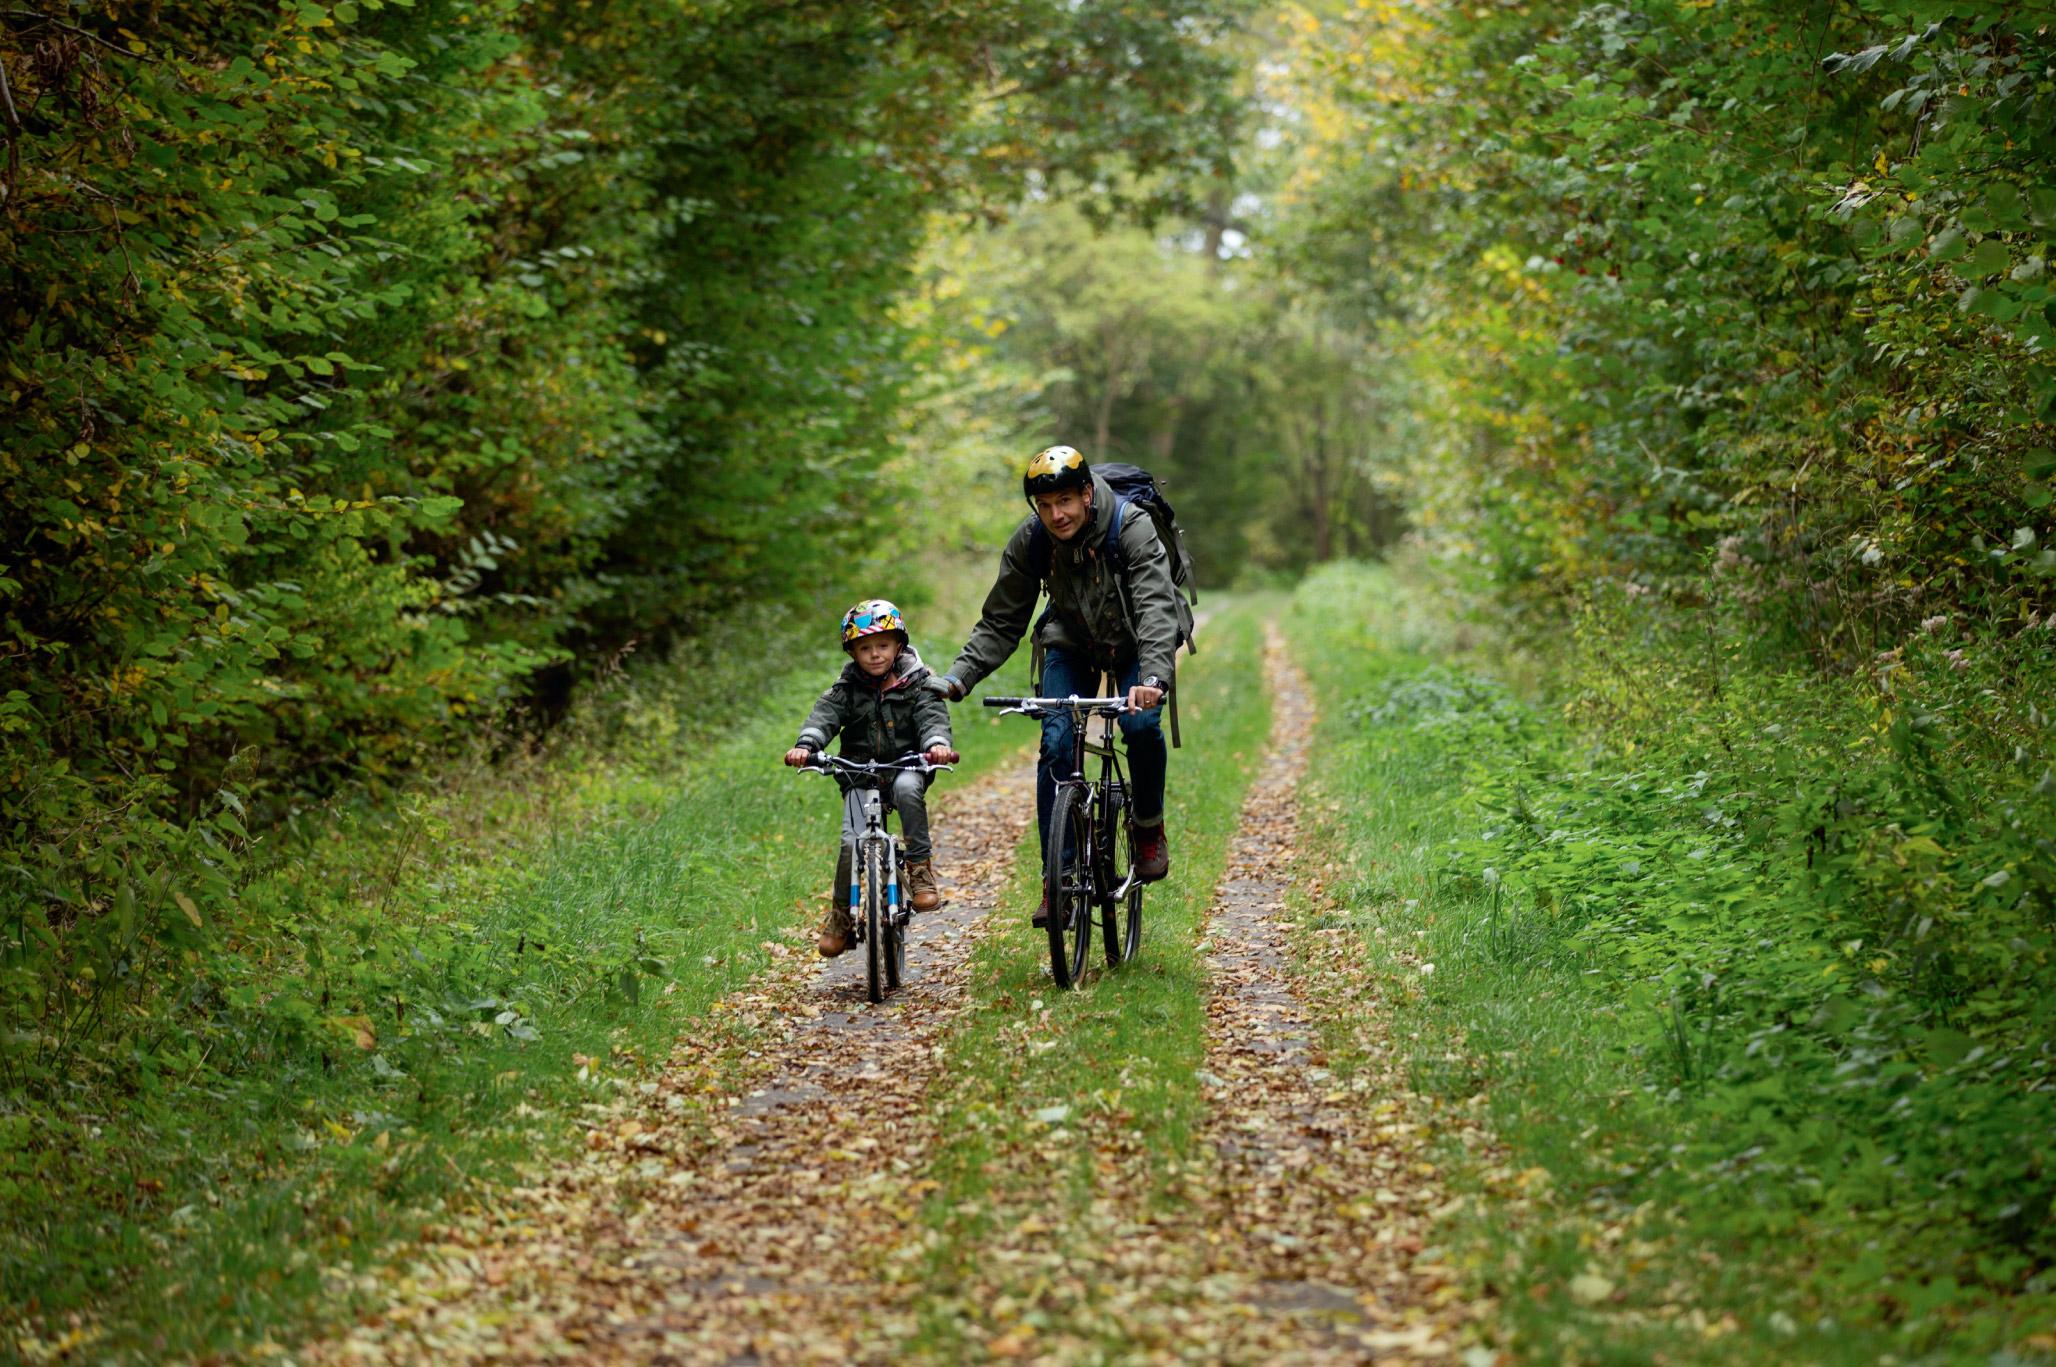 beacon-lifestyle-biking